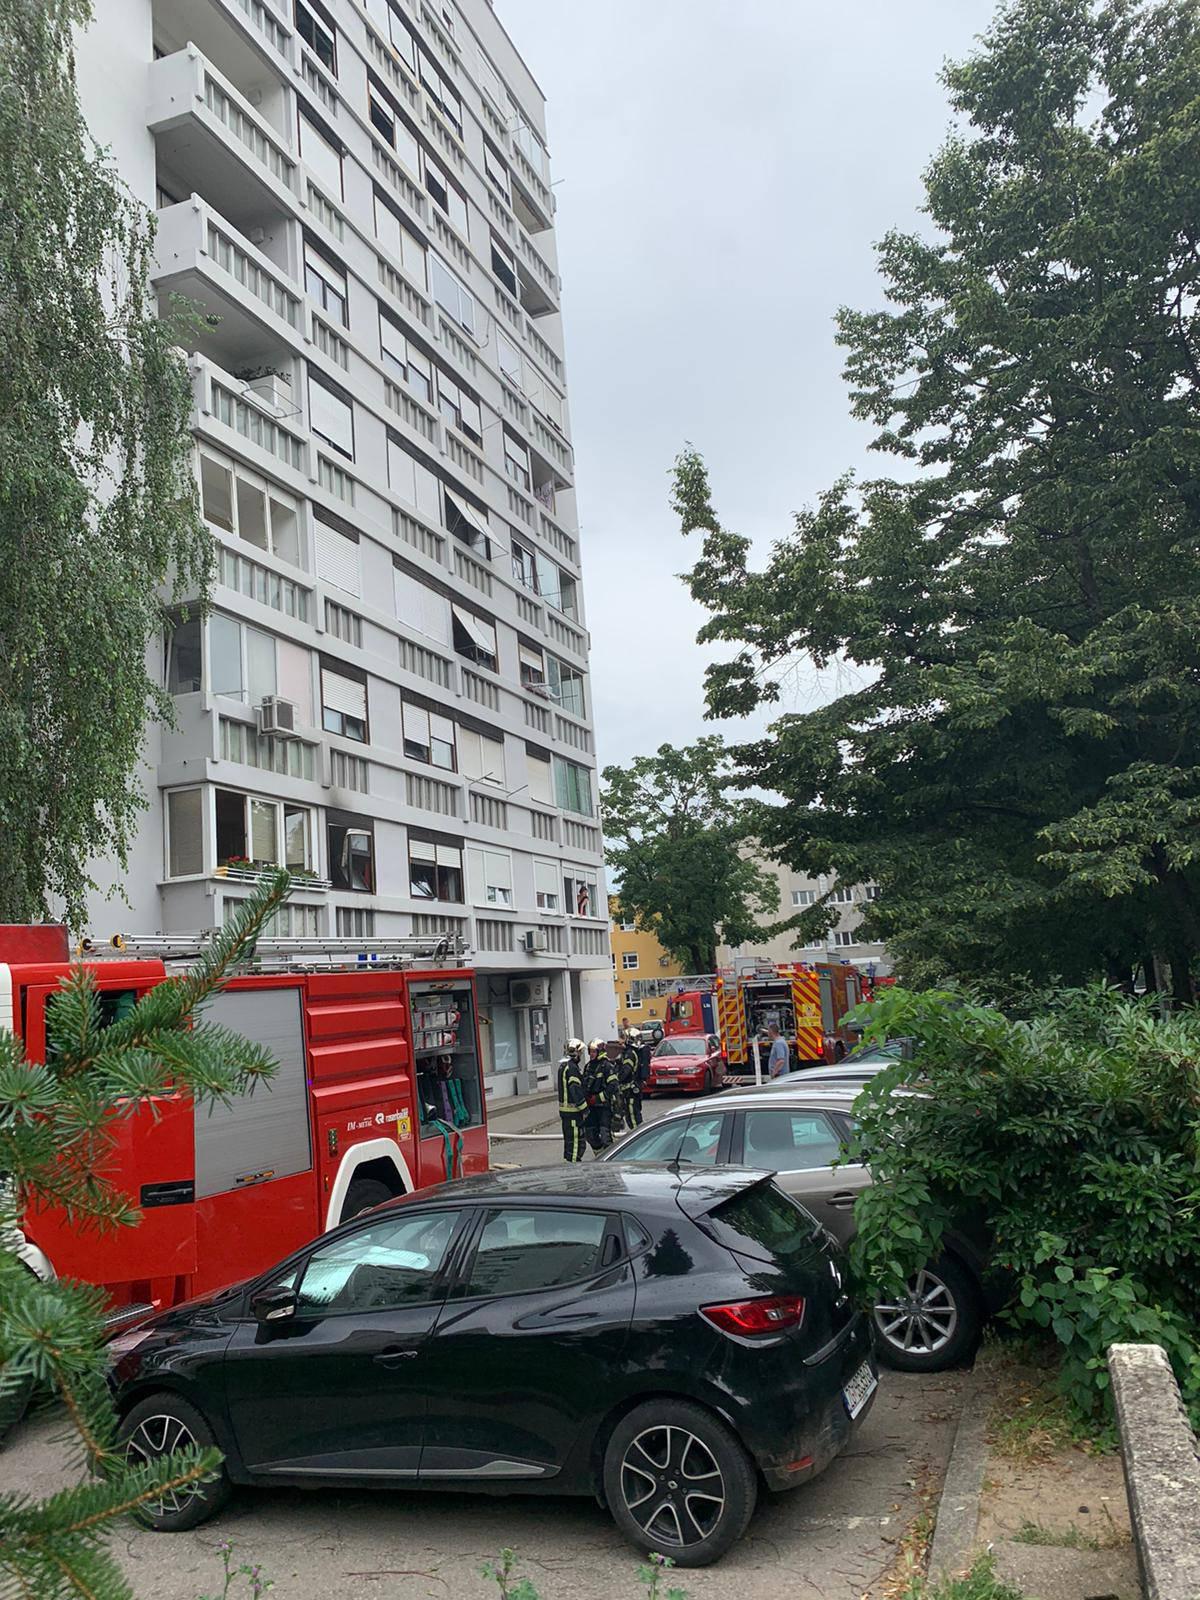 Požar u zgradi: 'Istrčao je van iz stana u panici, bio je sa psom'